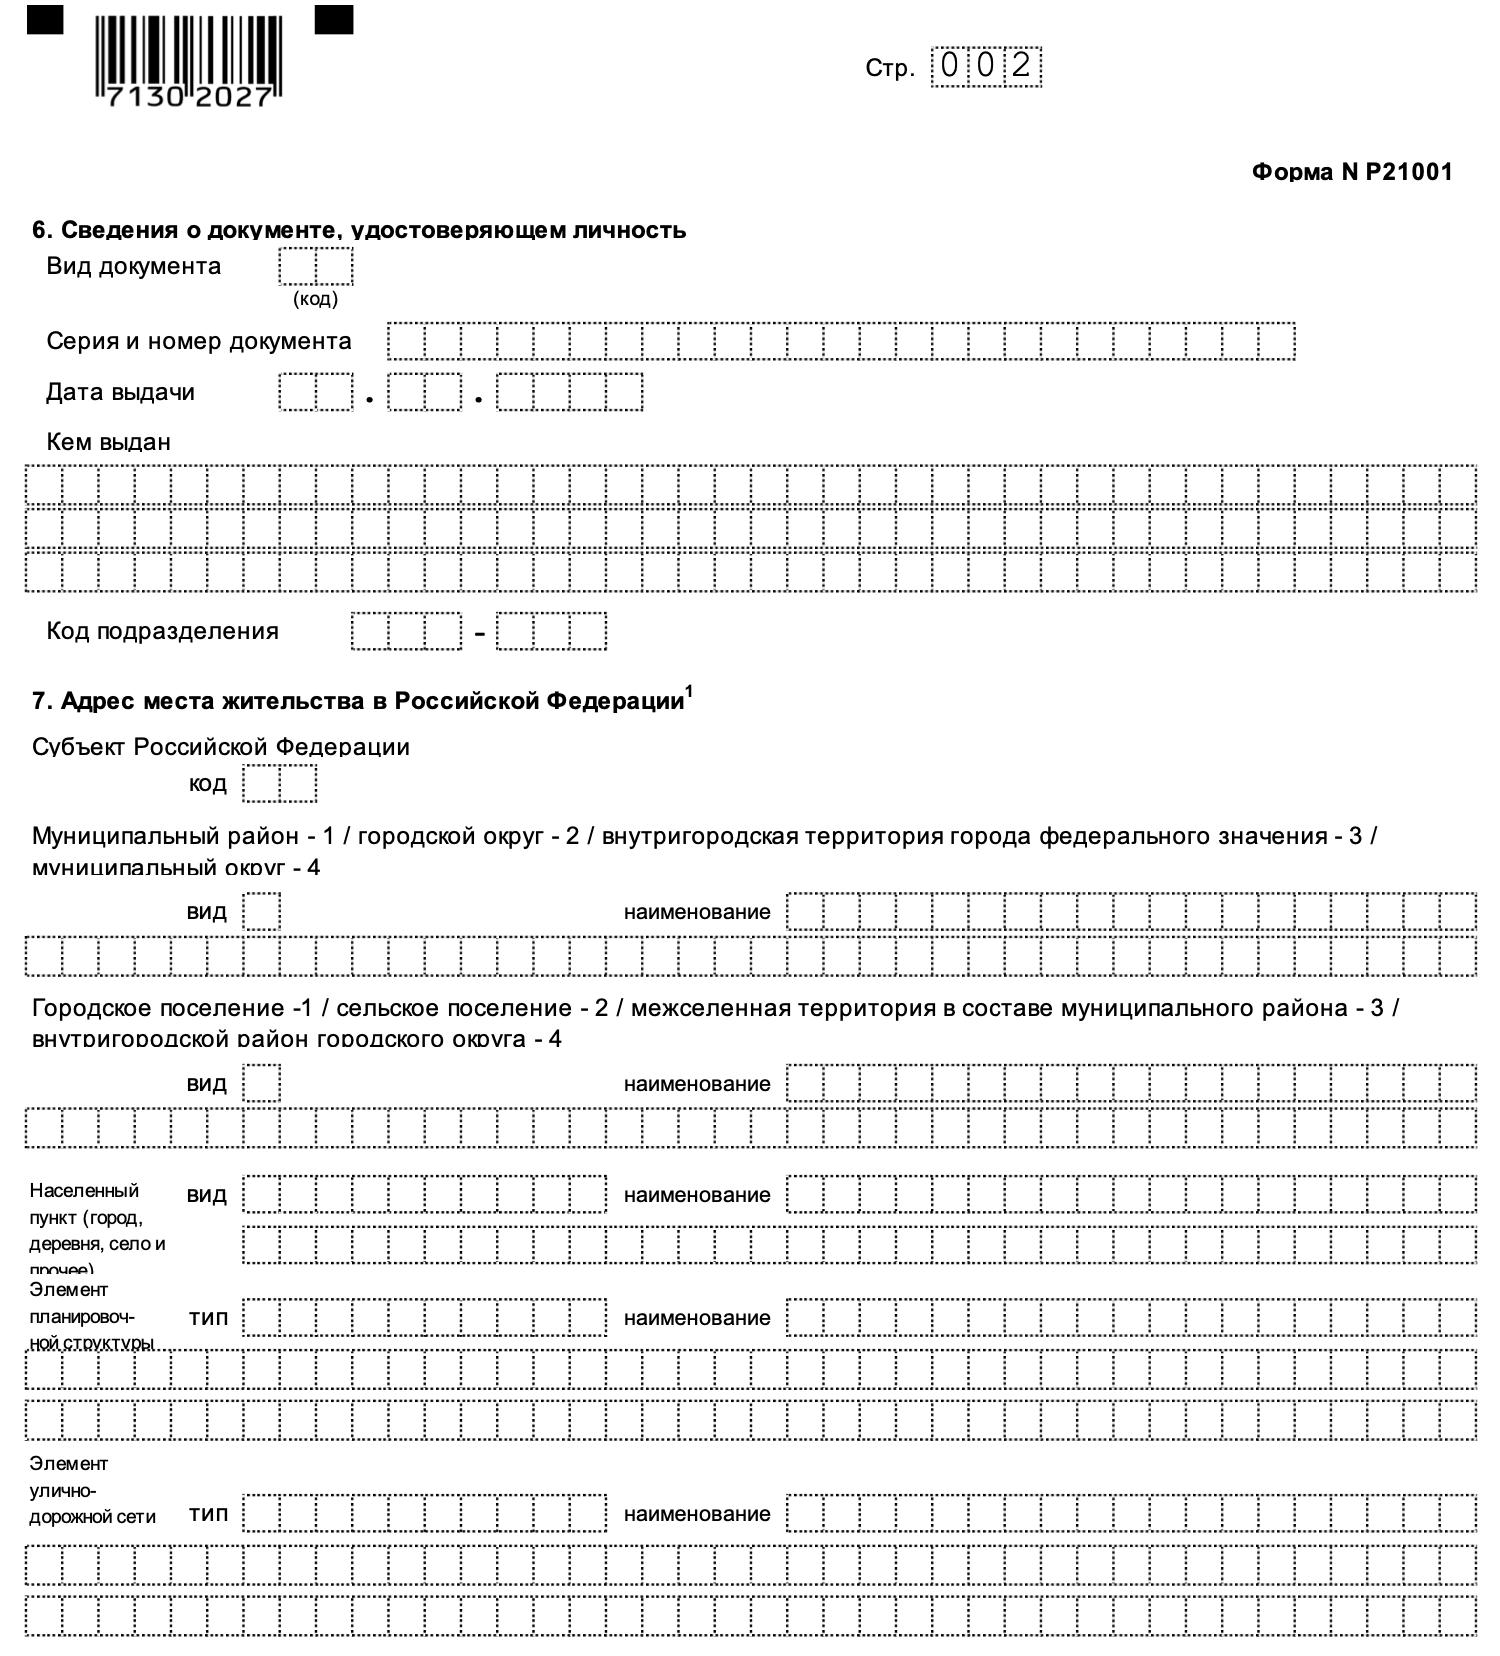 Образец заполнения заявления Р21001 на регистрацию ИП в 2021 году